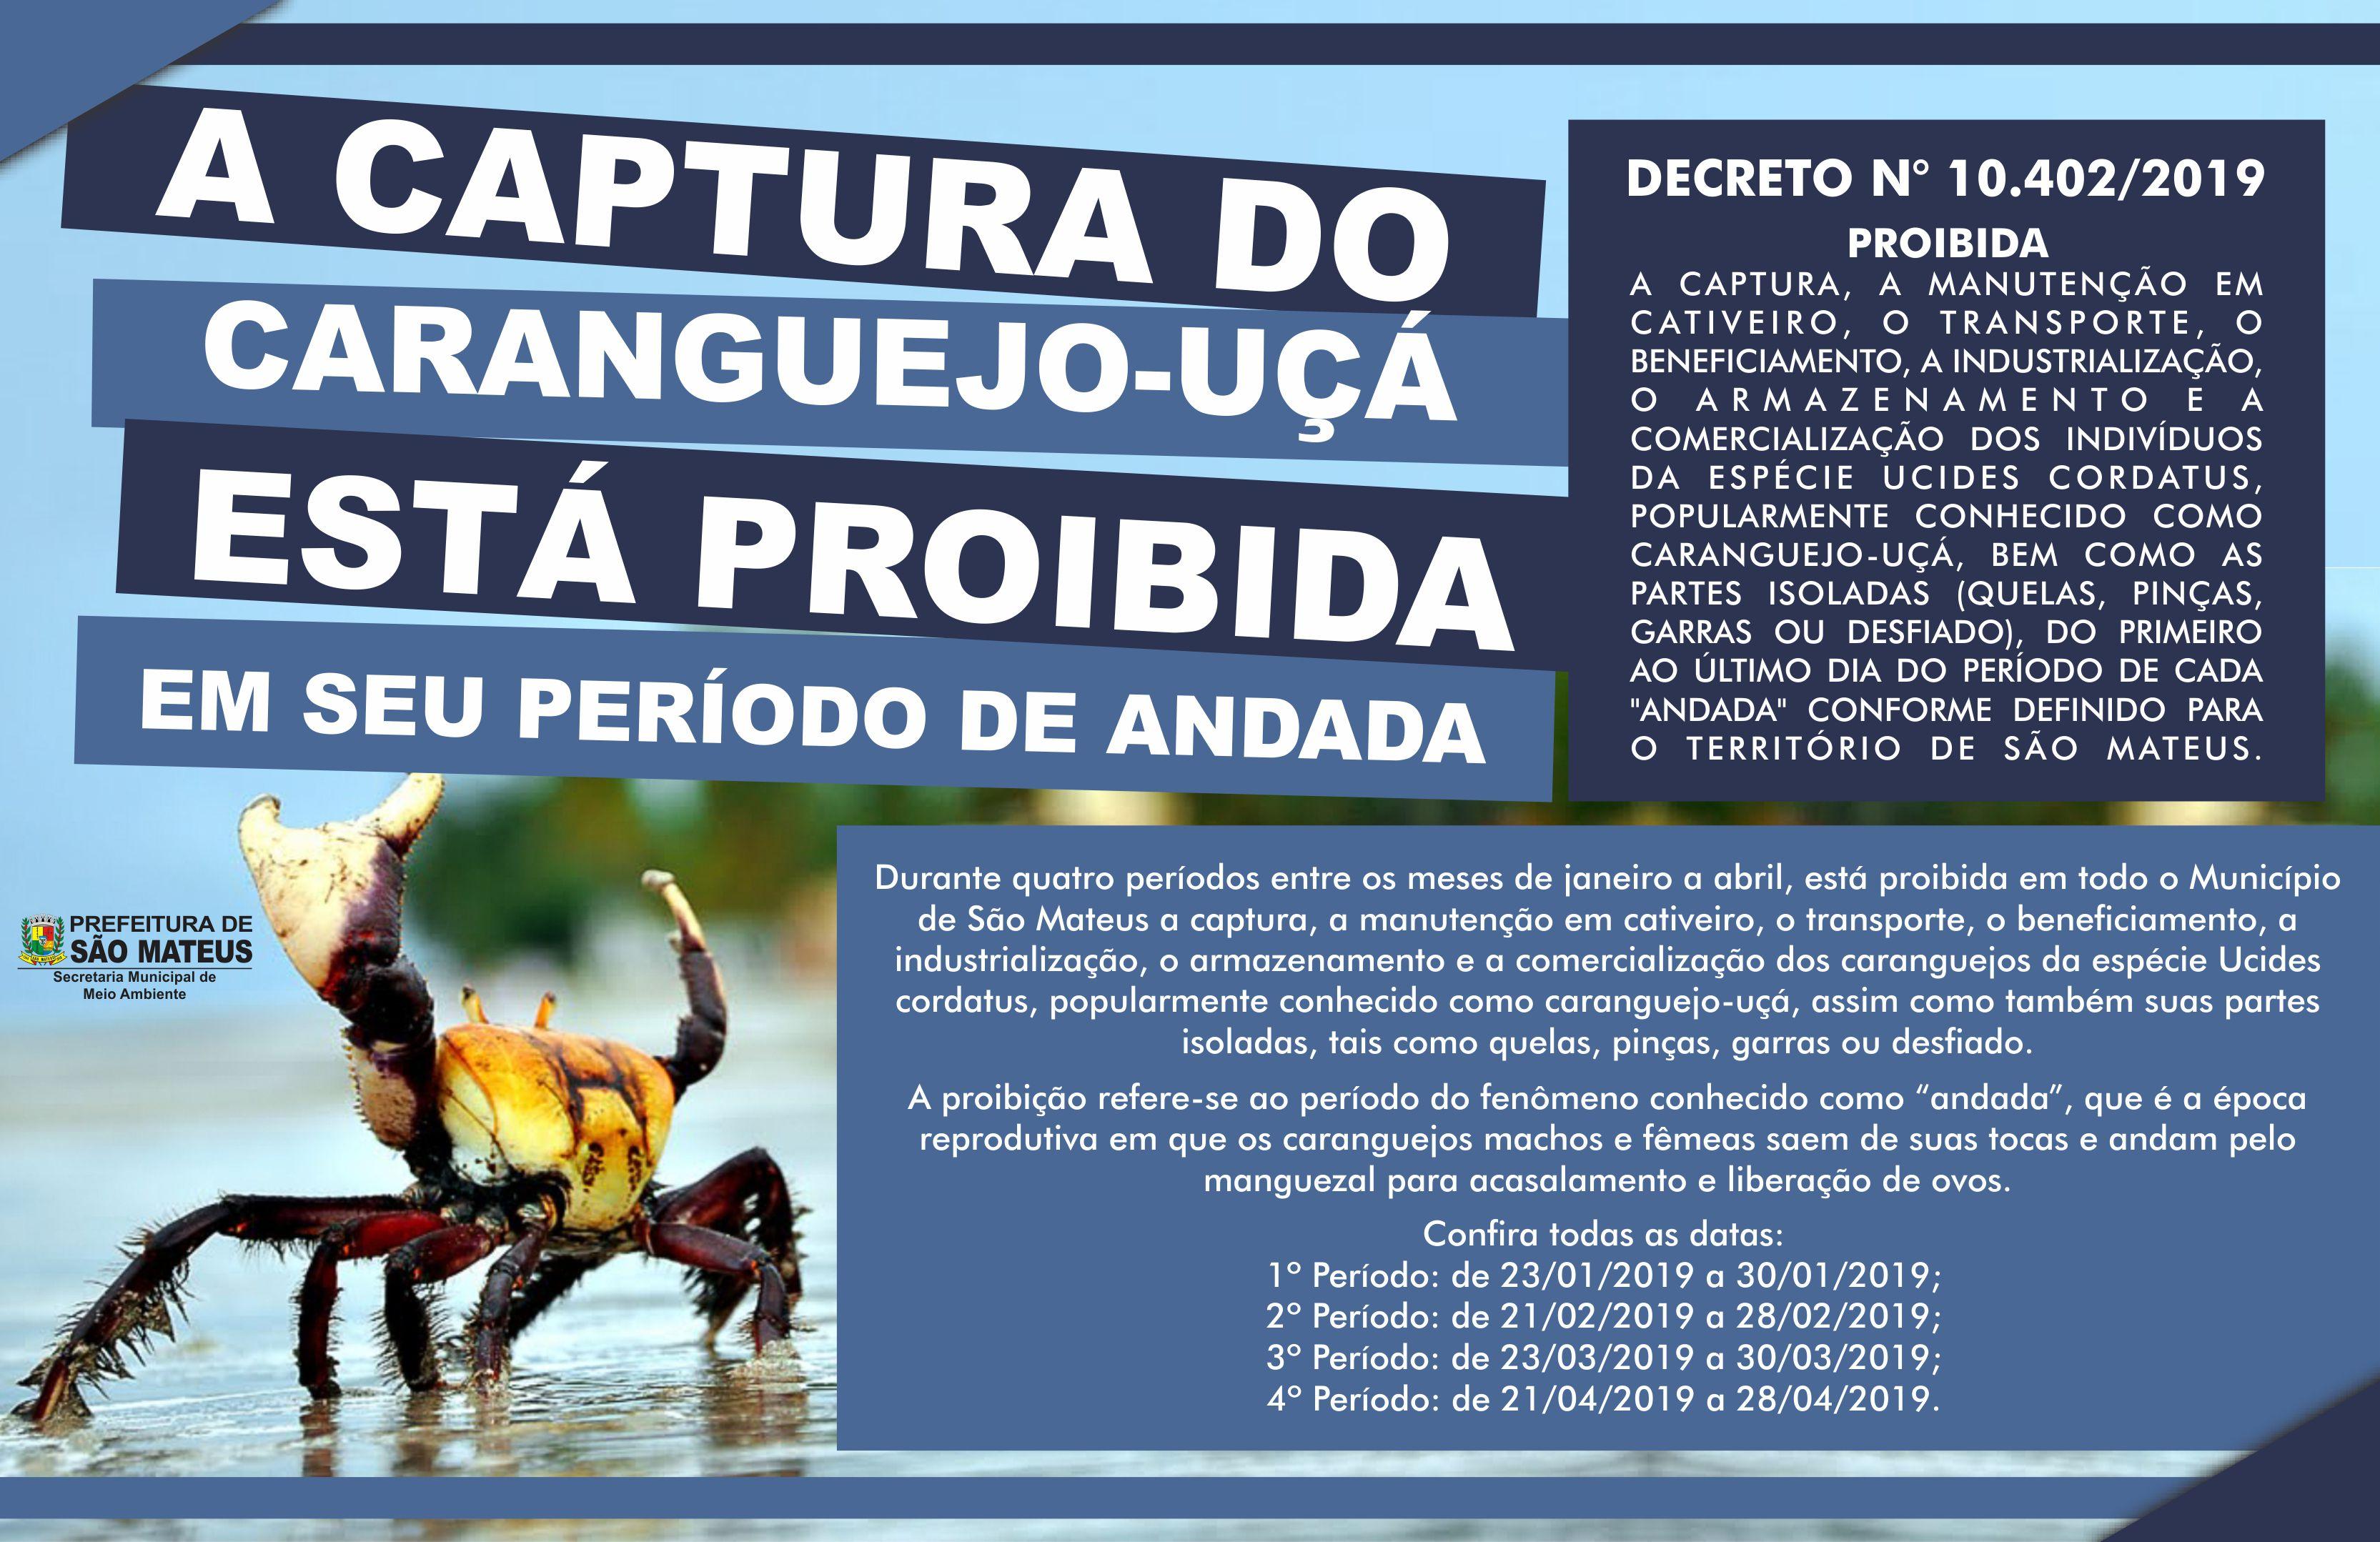 Segundo Período de andada Do Caranguejo-Uçá ocorre em fevereiro